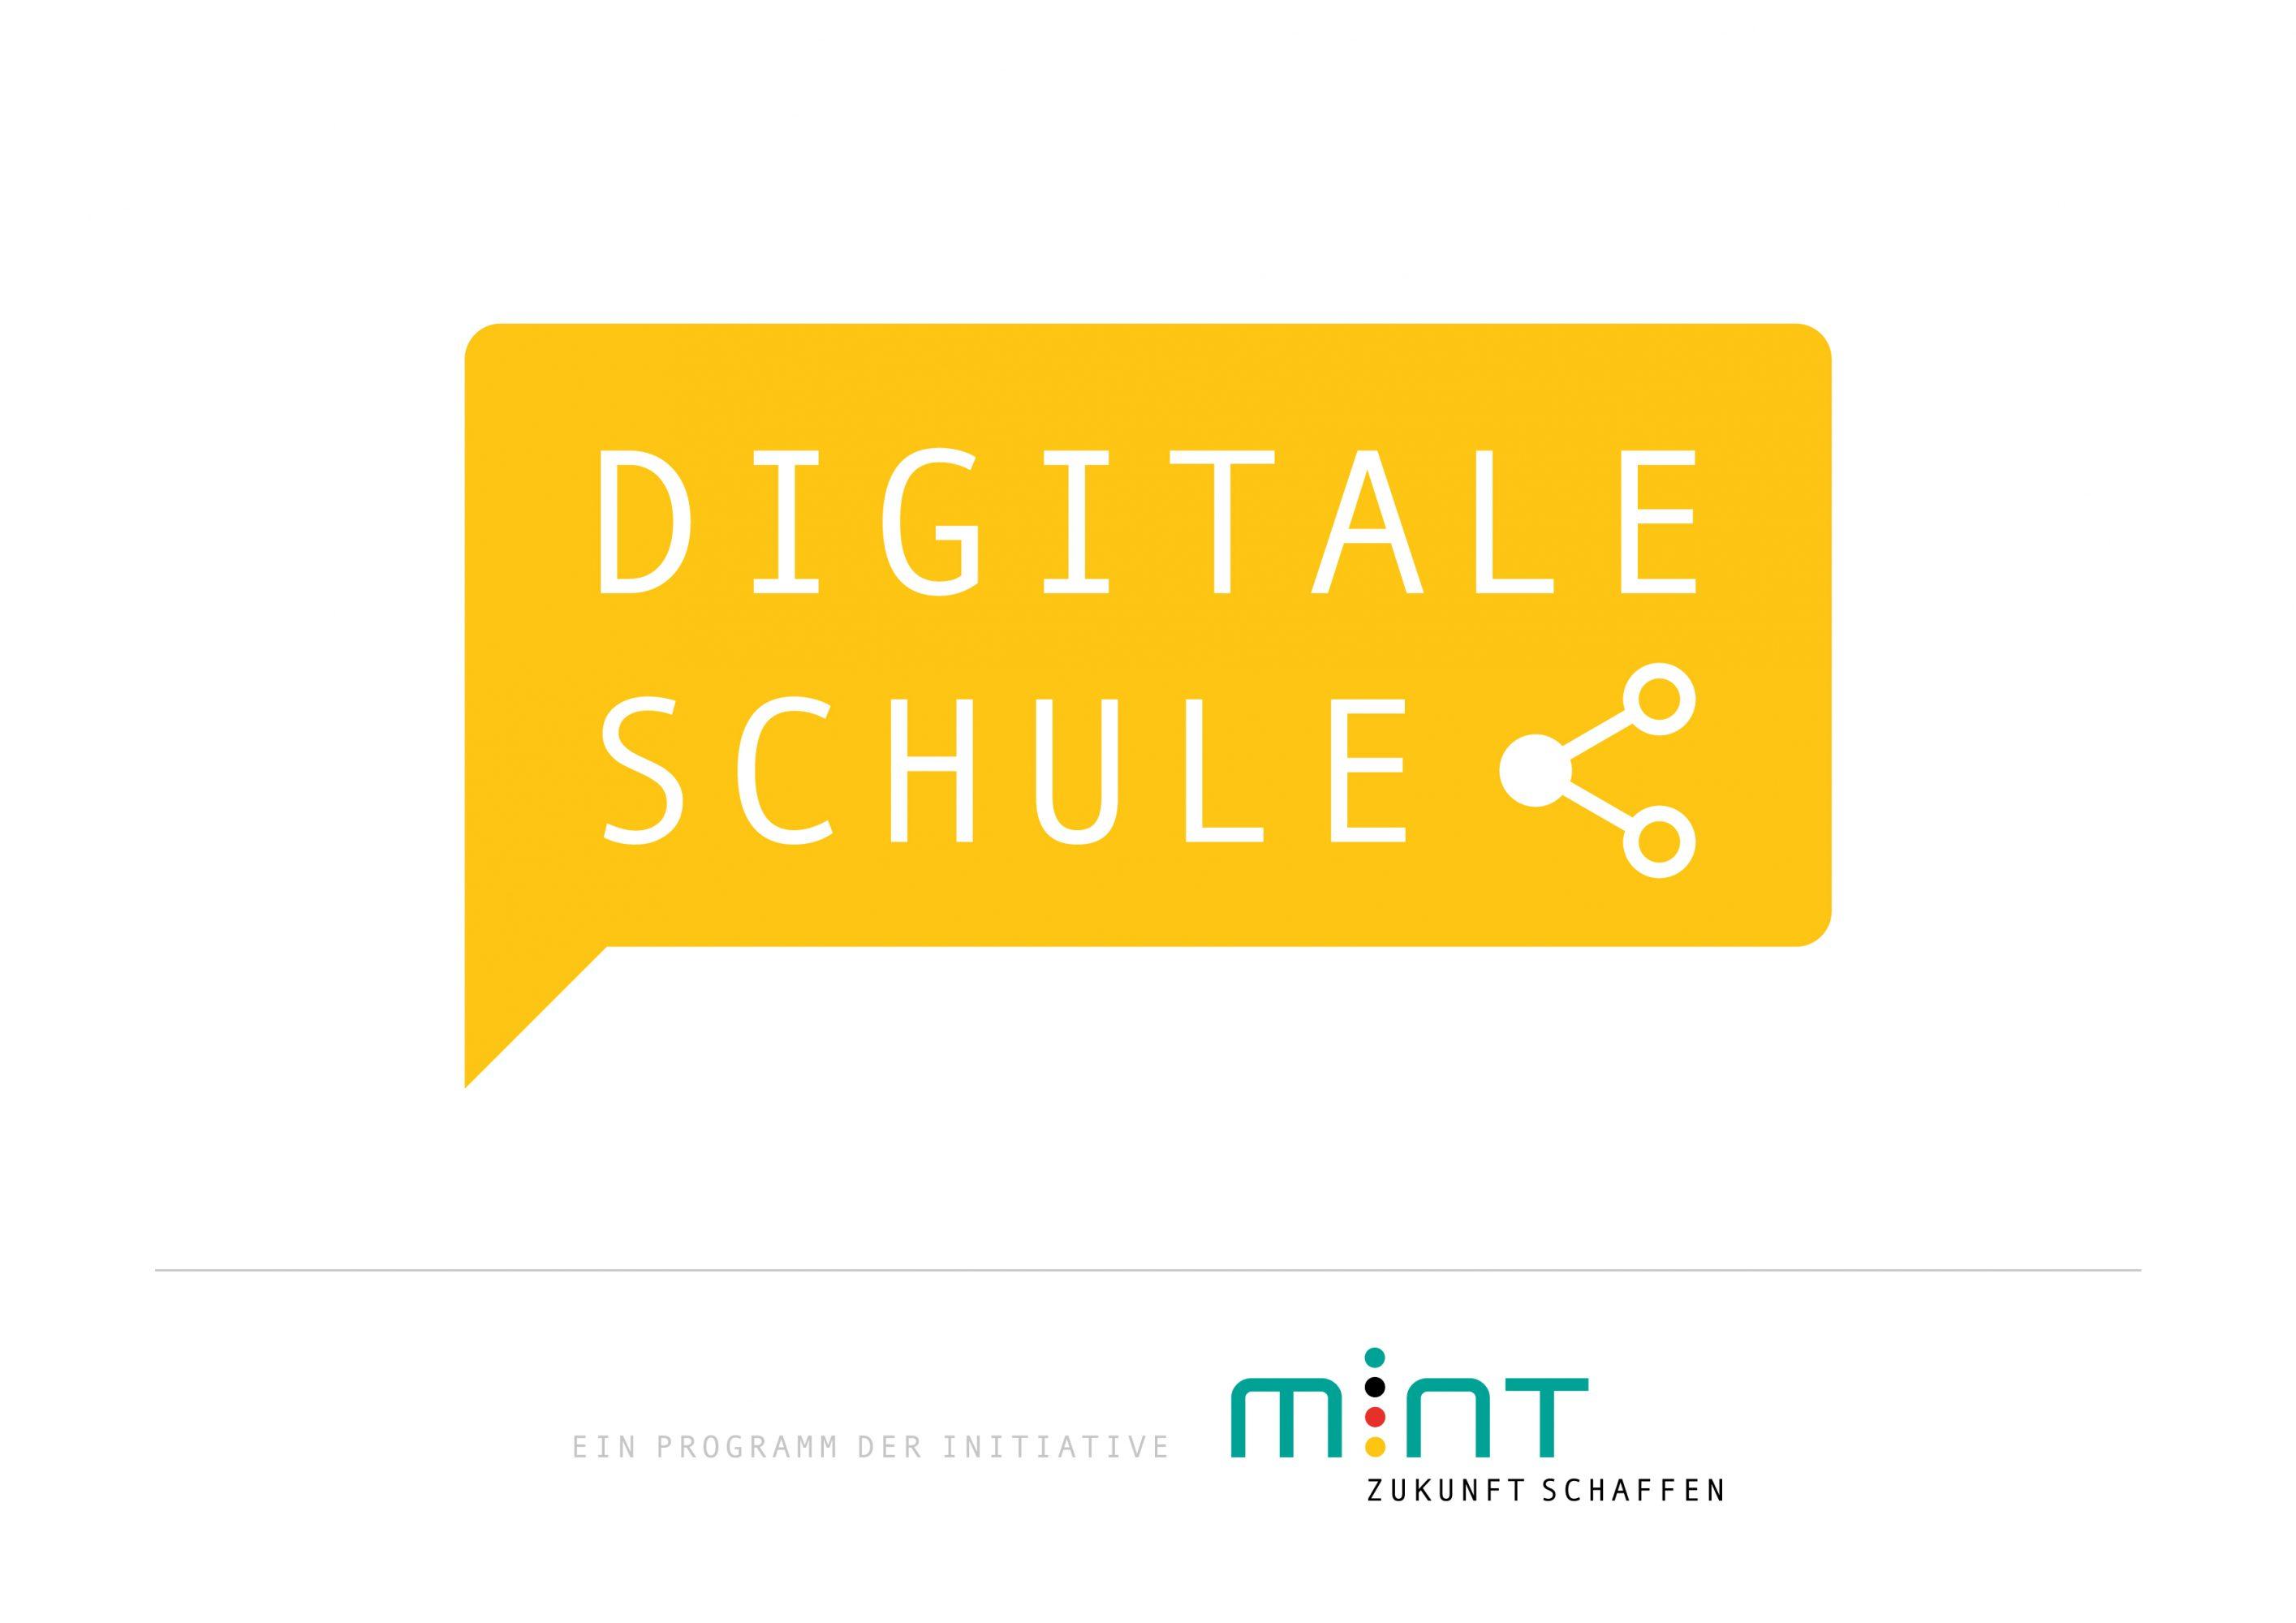 """Hüffertgymnasium als """"Digitale Schule"""" ausgezeichnet"""